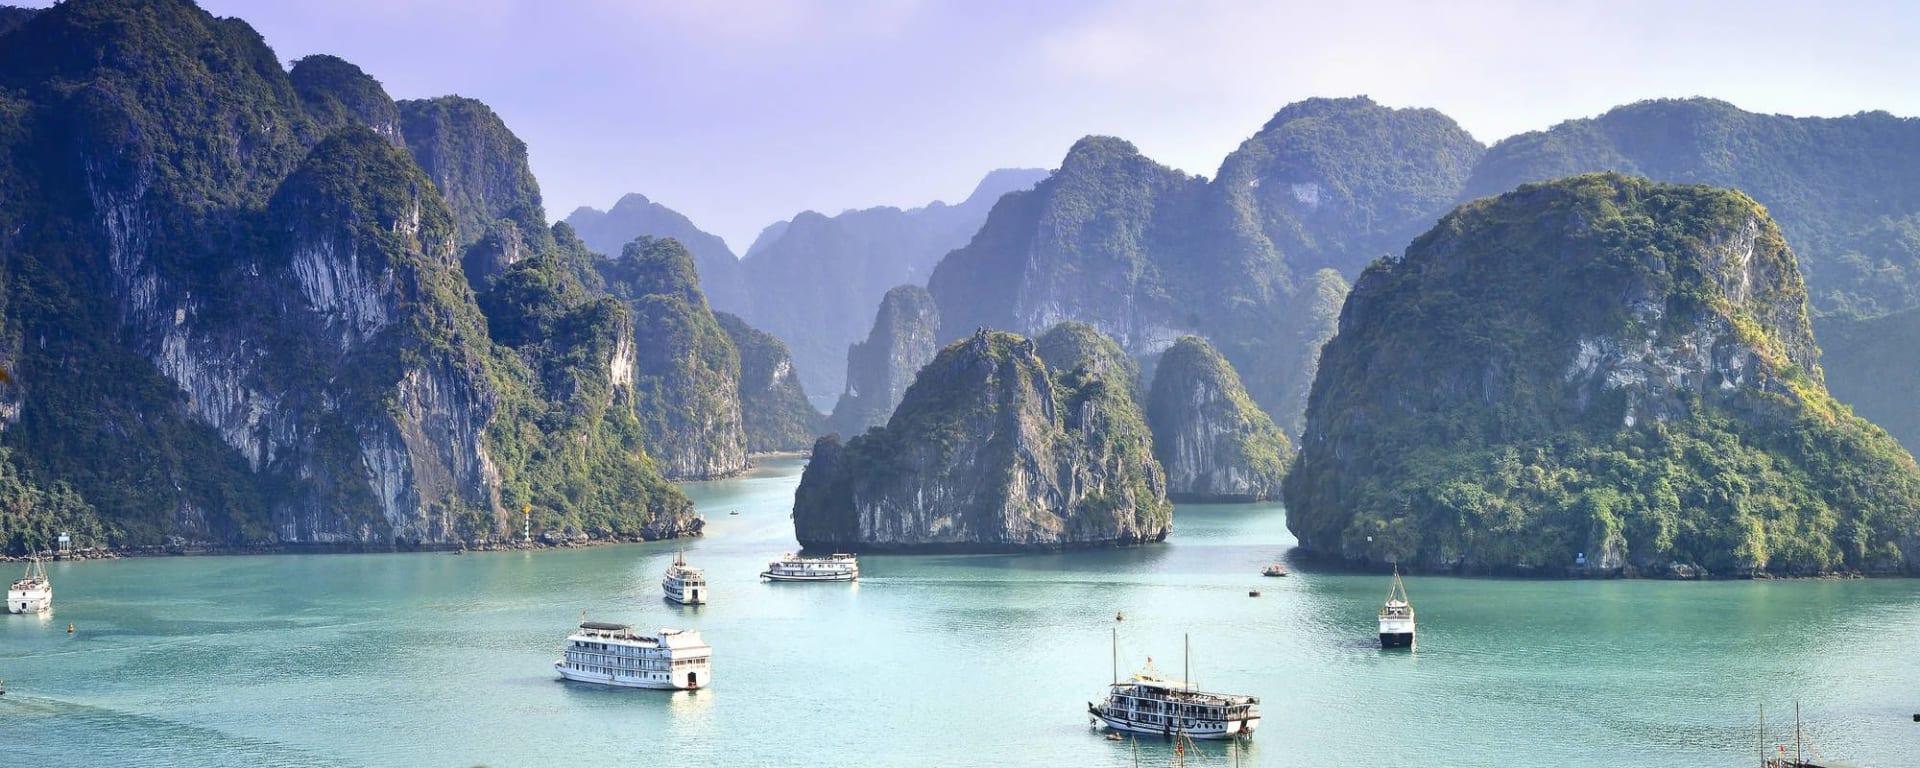 Vietnam Erlebnisreise - Von Hanoi zum Mekong Delta: Halong Bay